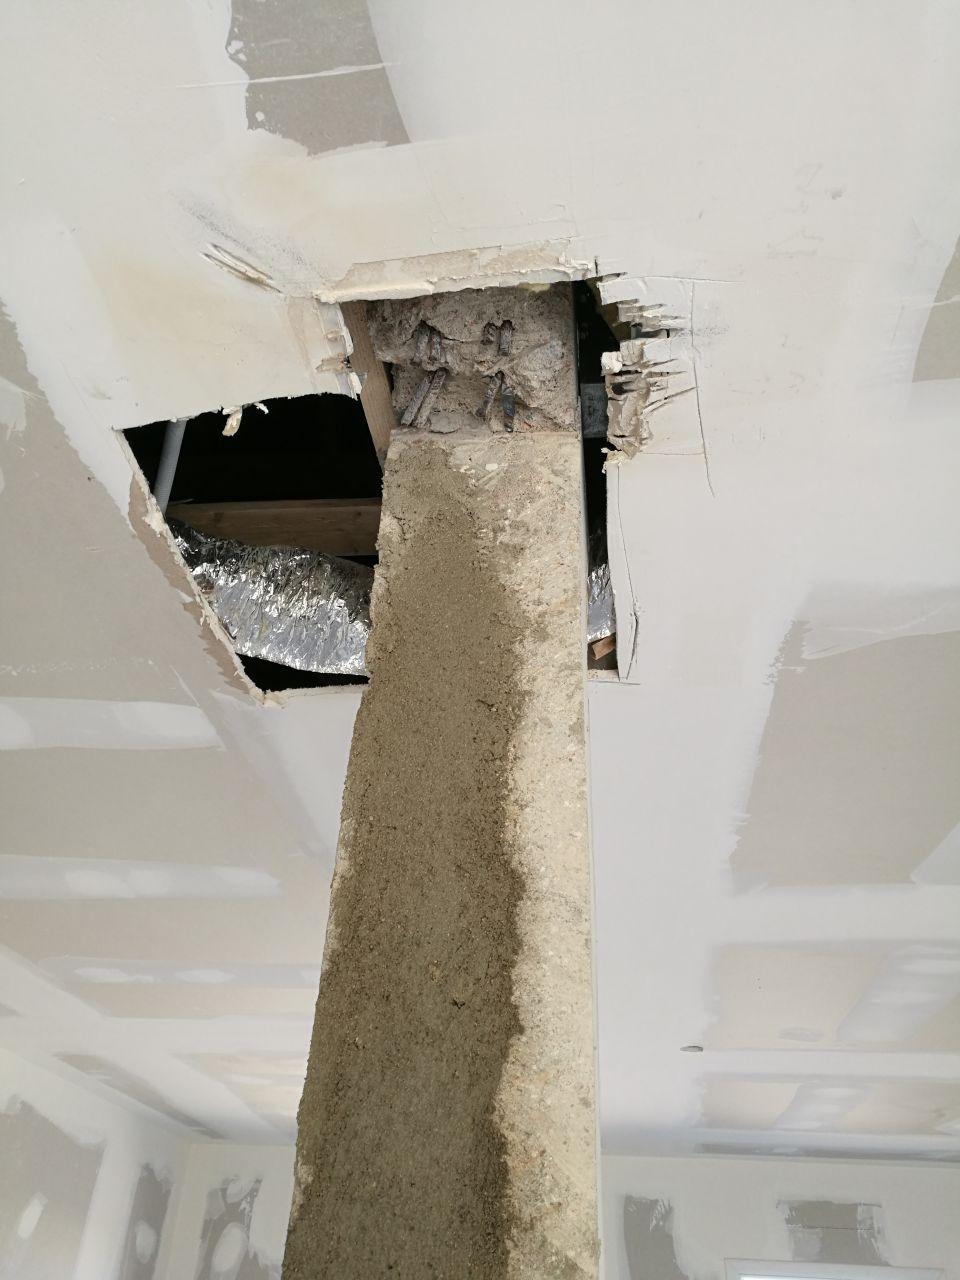 Poteau porteur : Nouveau poteau décoffré et l'ancien disqué et démoli